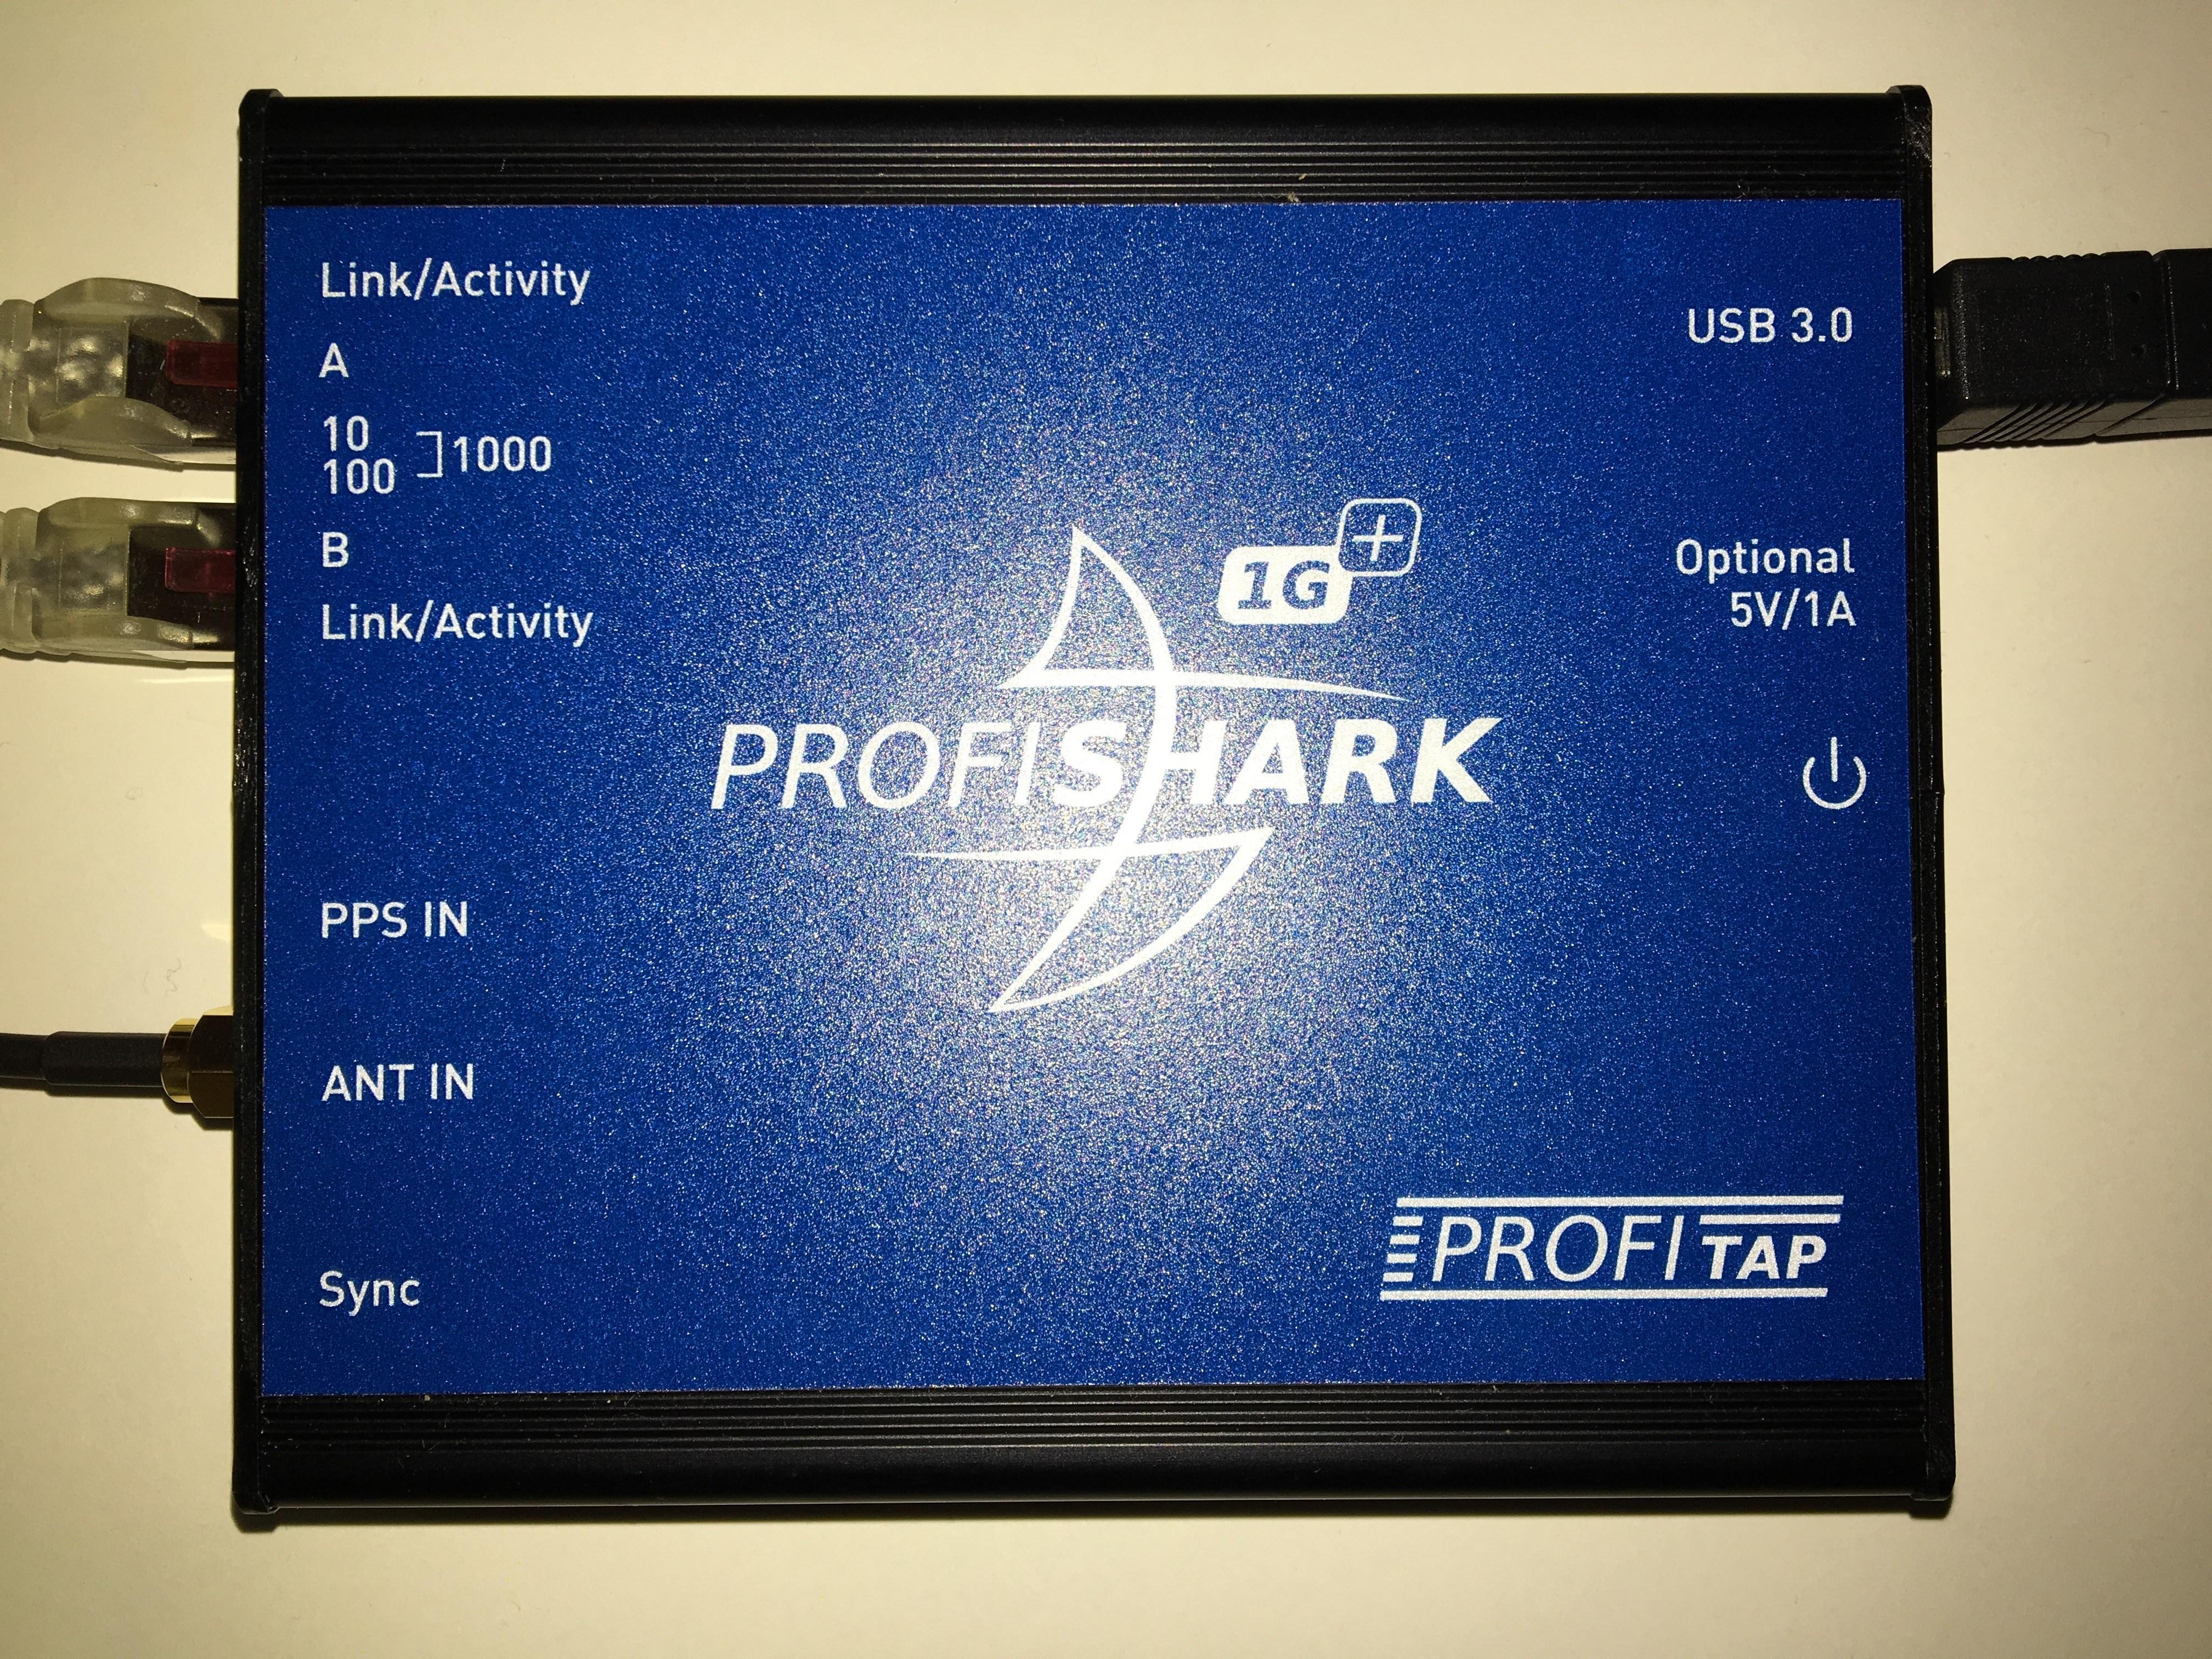 A look at the Profishark 1G+